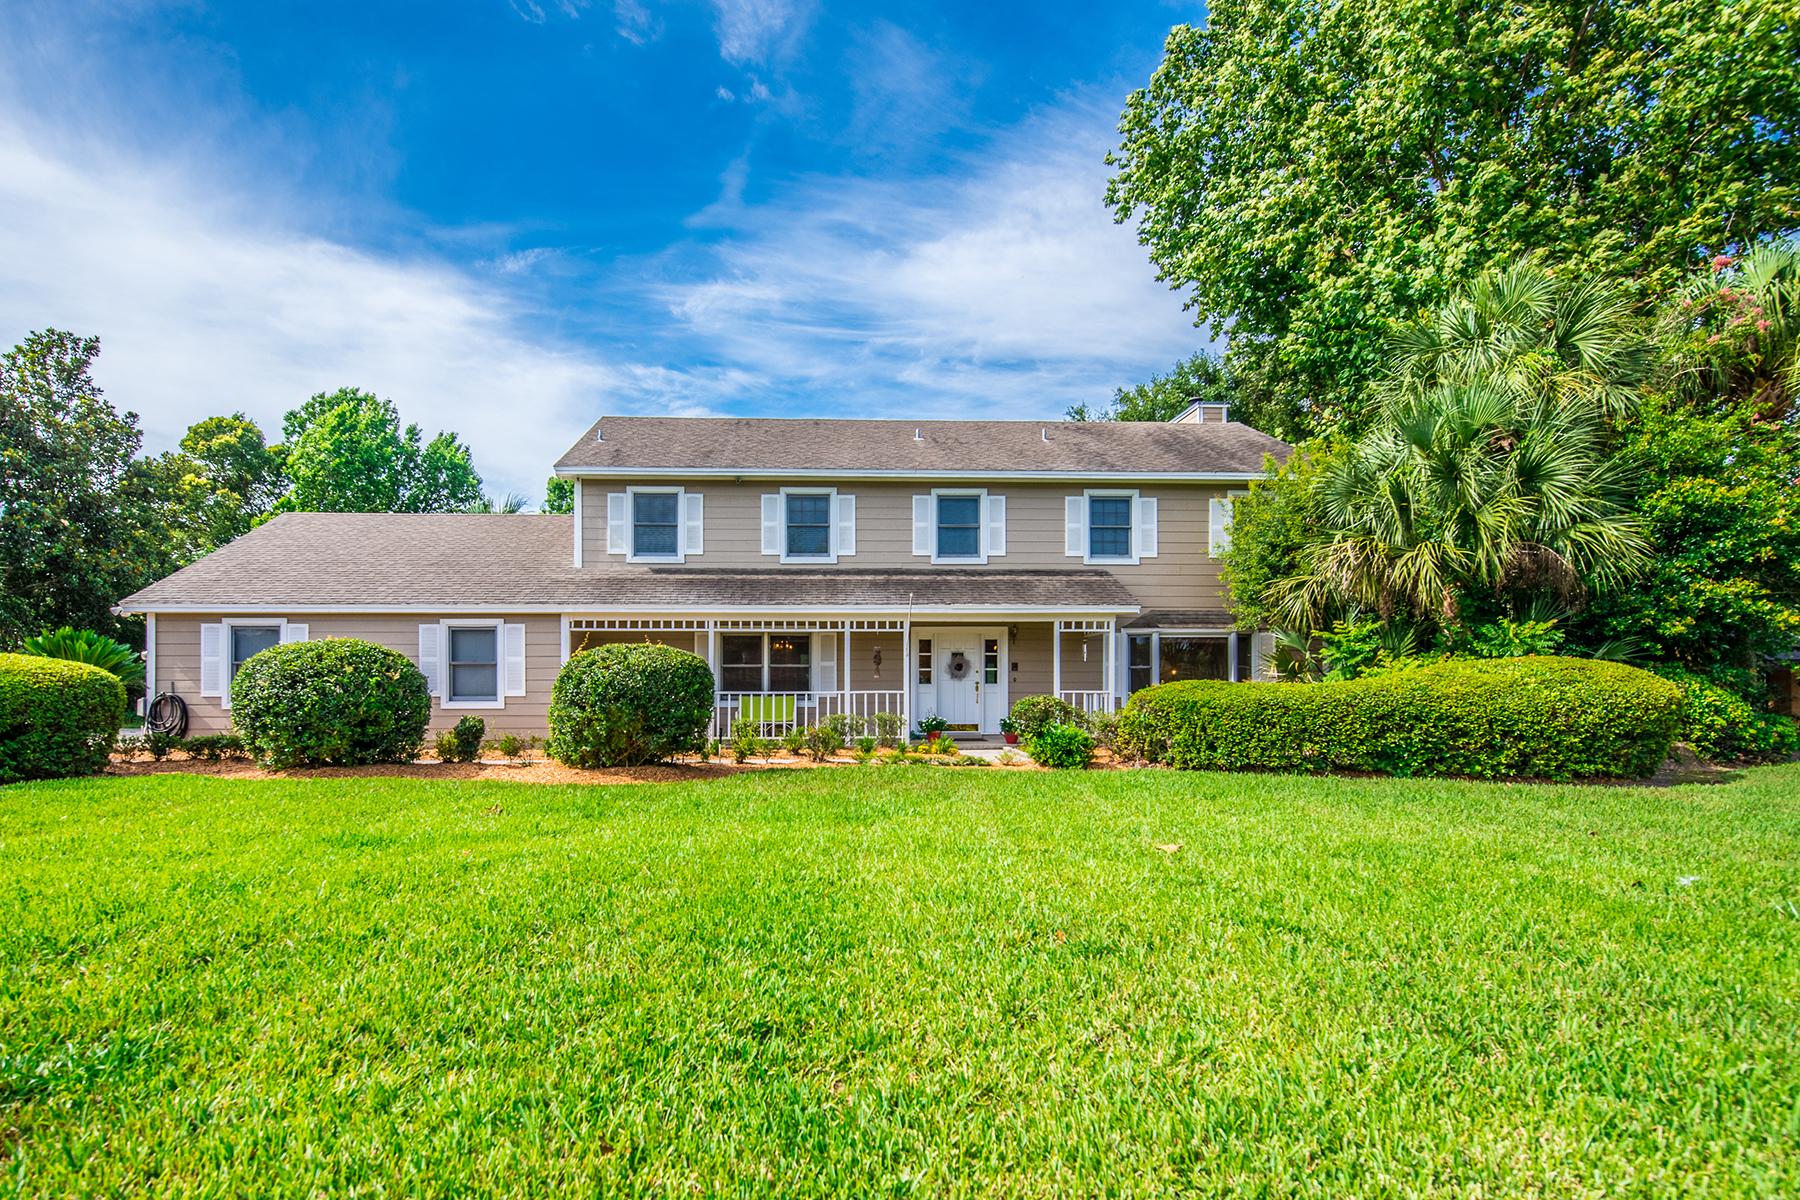 一戸建て のために 売買 アット ORLANDO - LONGWOOD 2143 Blue Iris Pl Longwood, フロリダ, 32779 アメリカ合衆国